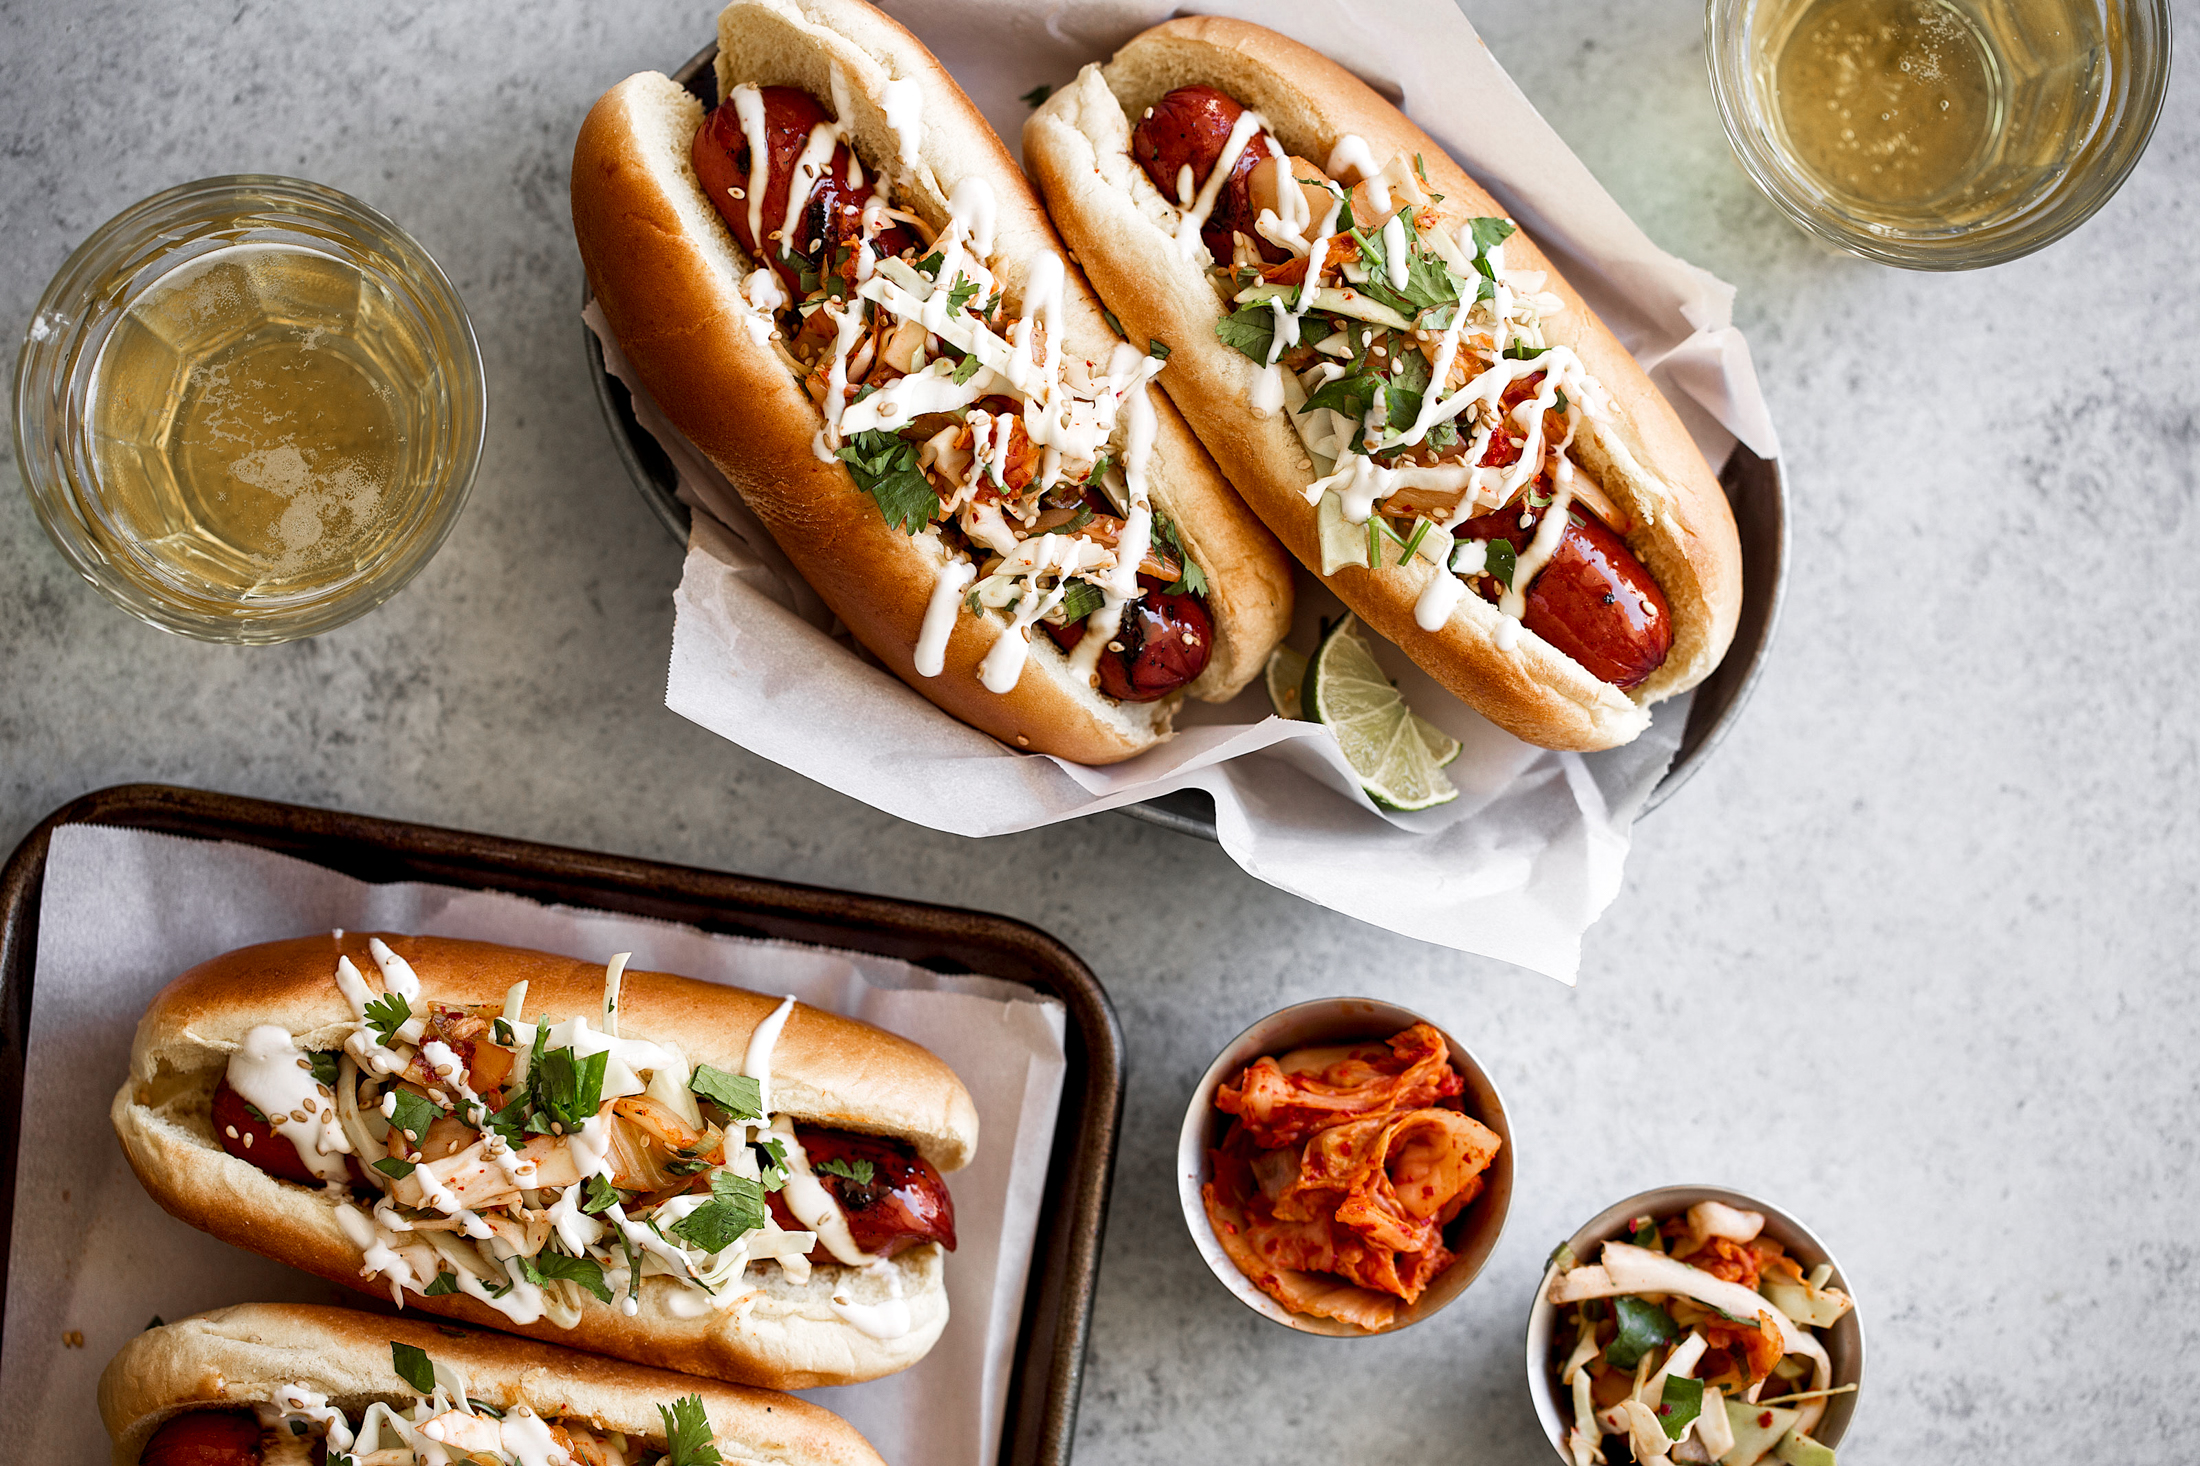 Soy-Glazed-Spicy-Korean-Kimchi-Slaw-Hot-Dogs